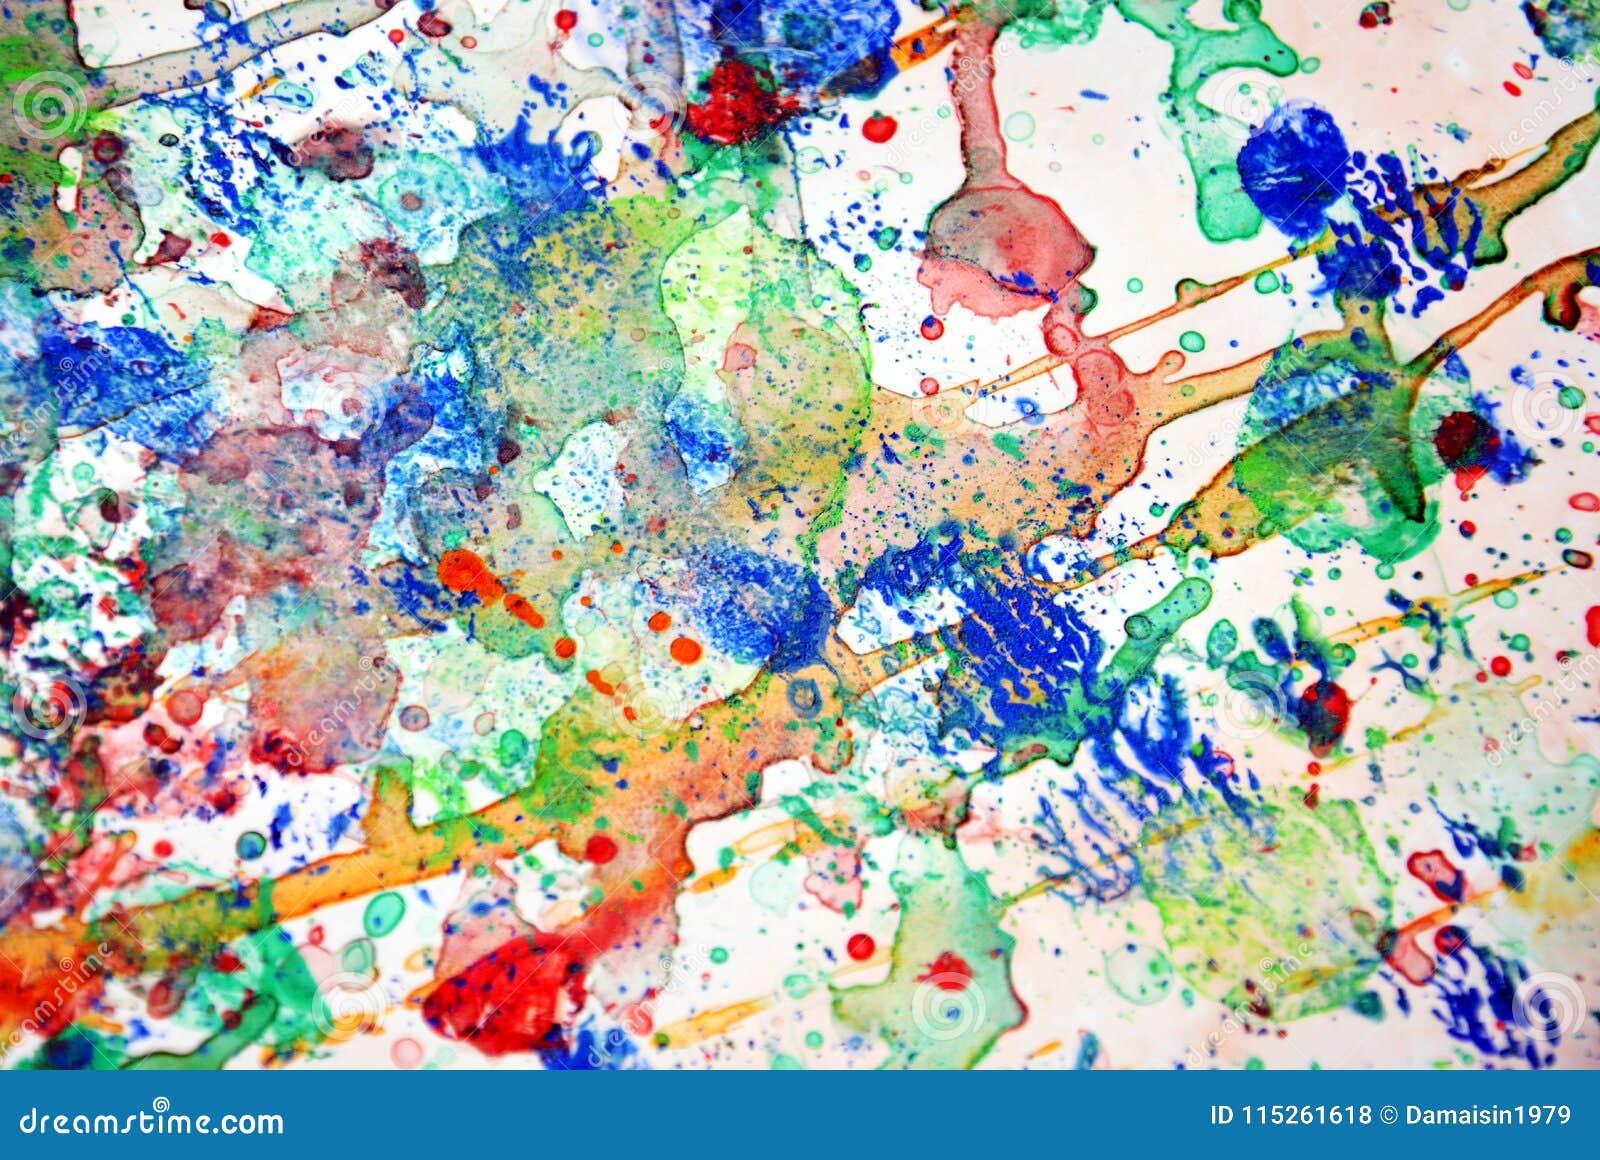 Colorido espirra, fundo pastel vívido colorido, textura colorida do sumário